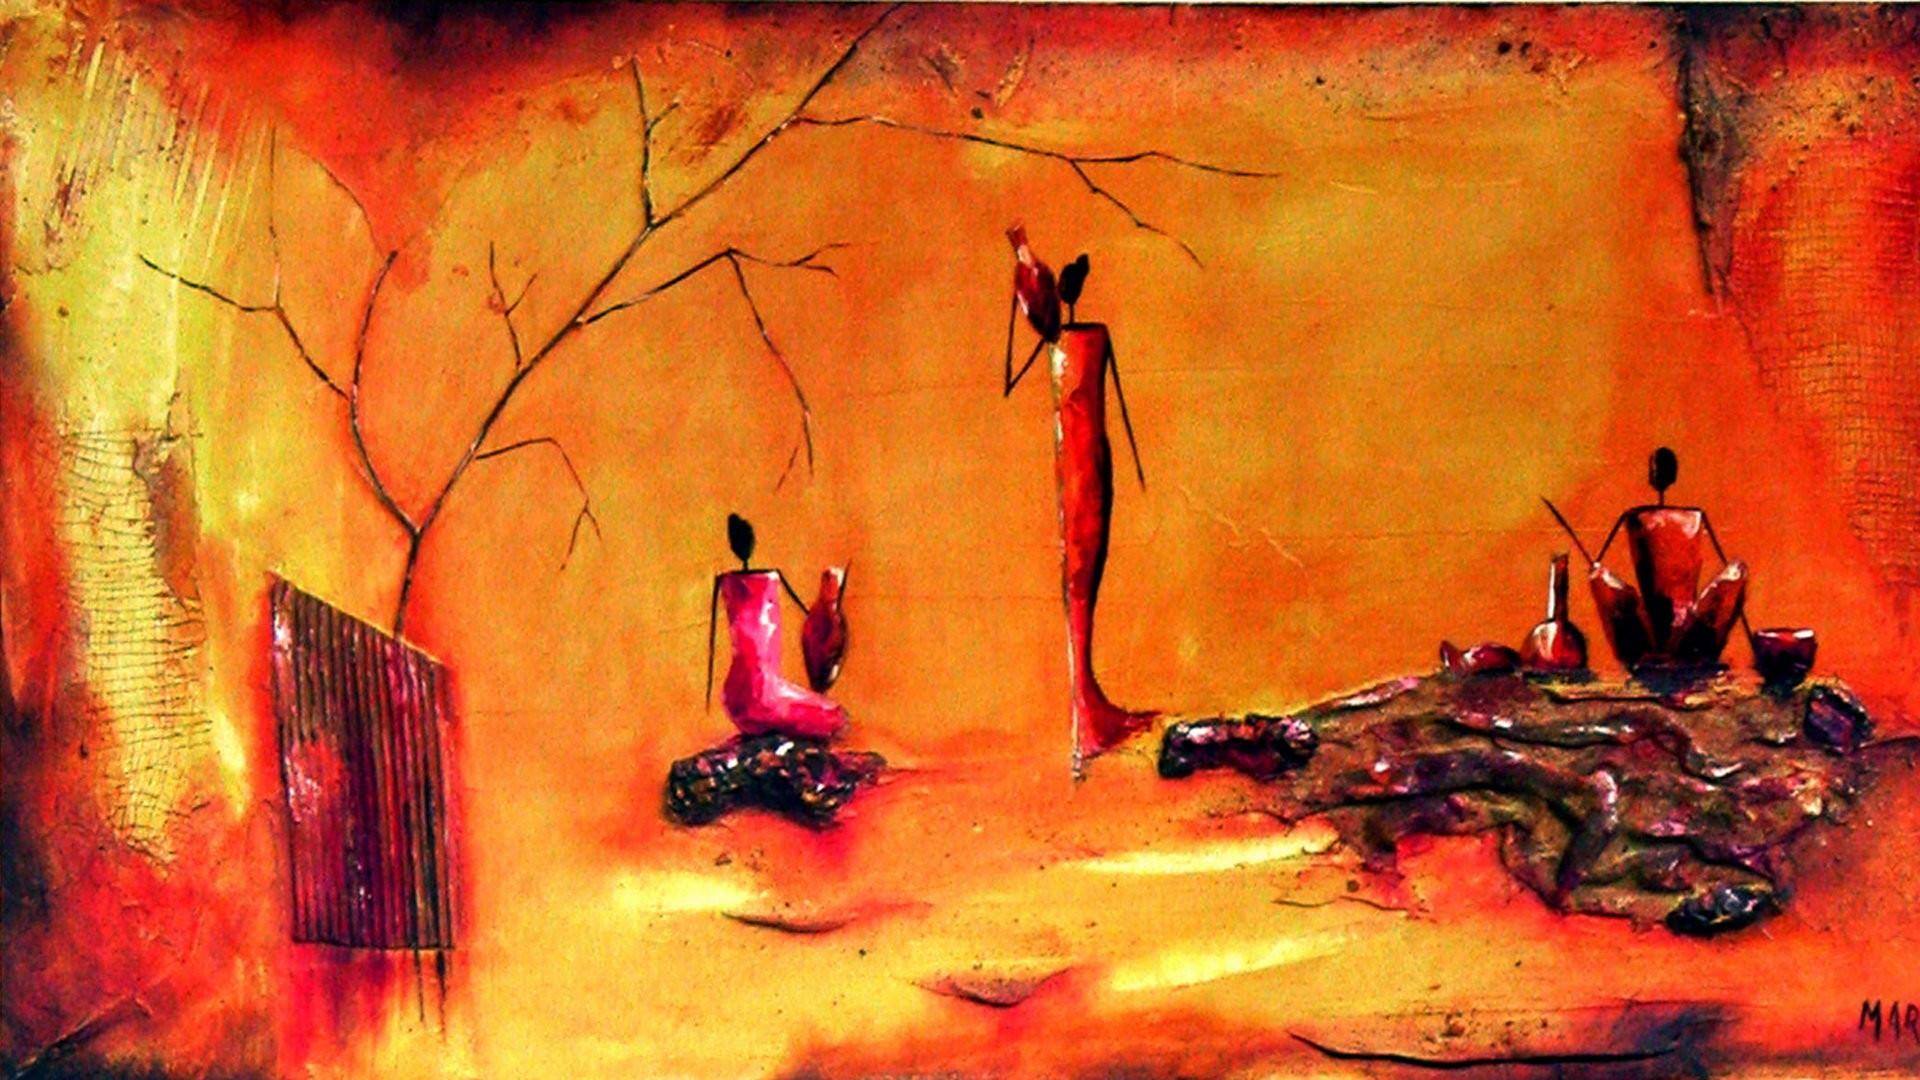 African Art Wallpaper 183 ① Wallpapertag